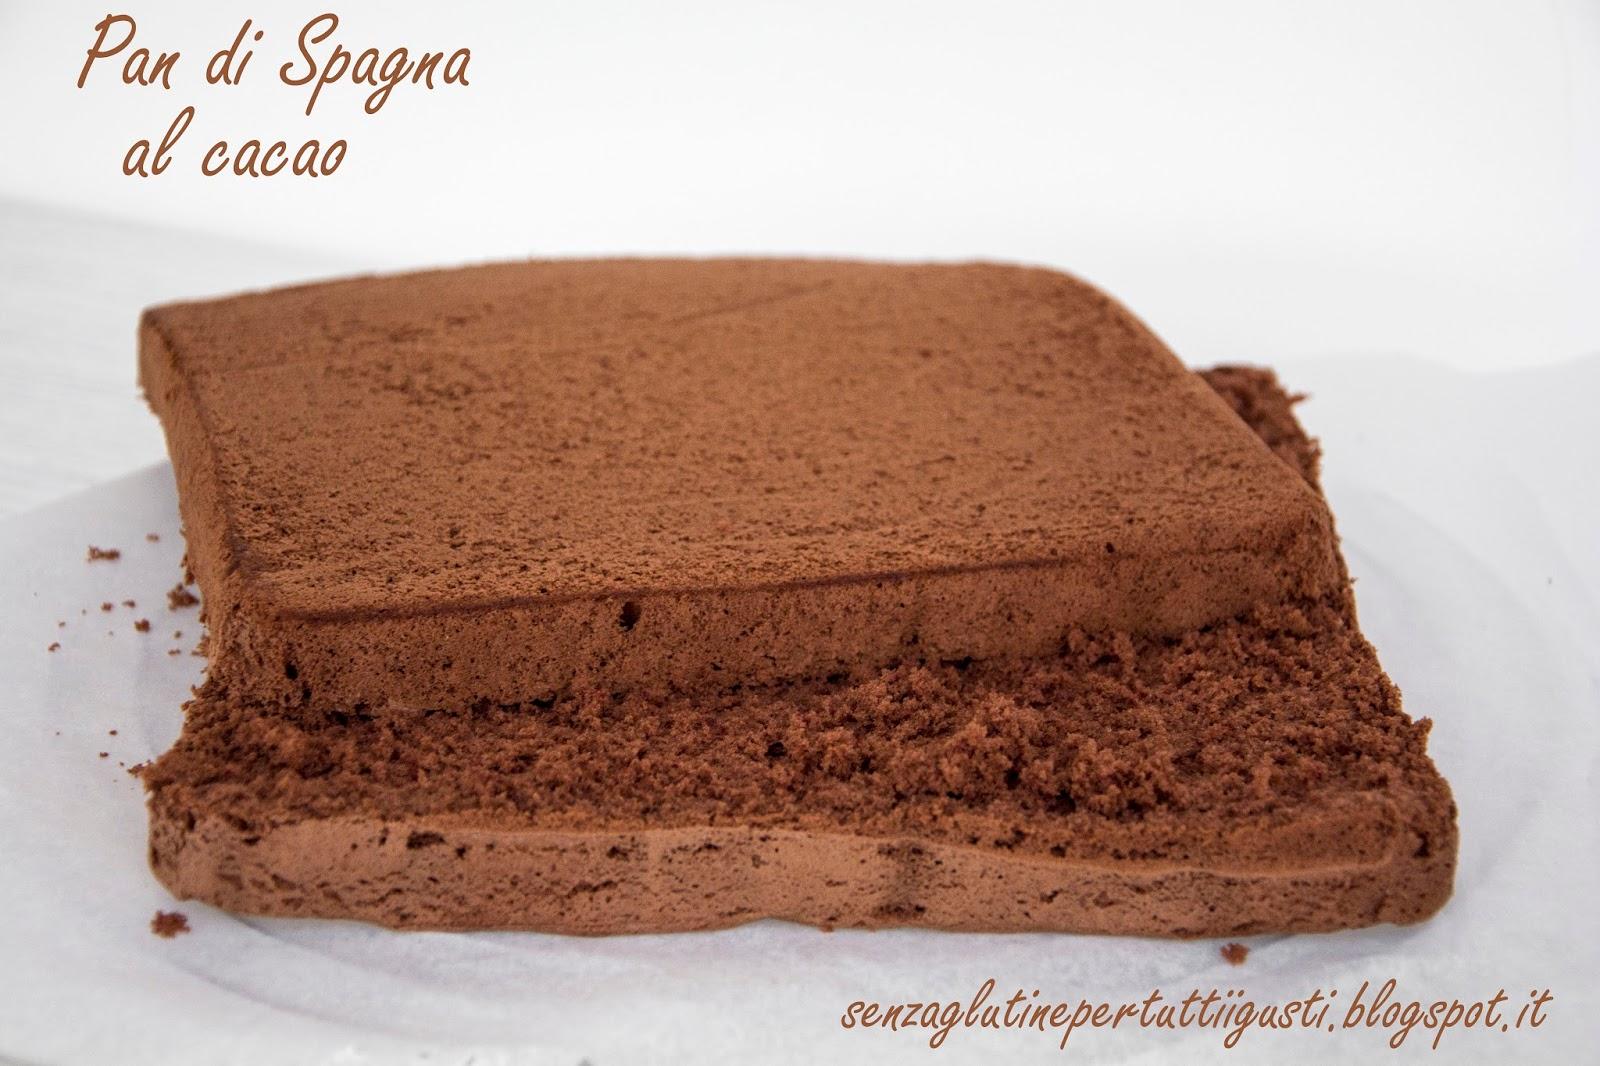 Ricetta Pan Di Spagna Al Cioccolato Bimby.Pan Di Spagna Al Cacao Con Lievito Senza Glutine Bimby Senza Glutine Per Tutti I Gusti